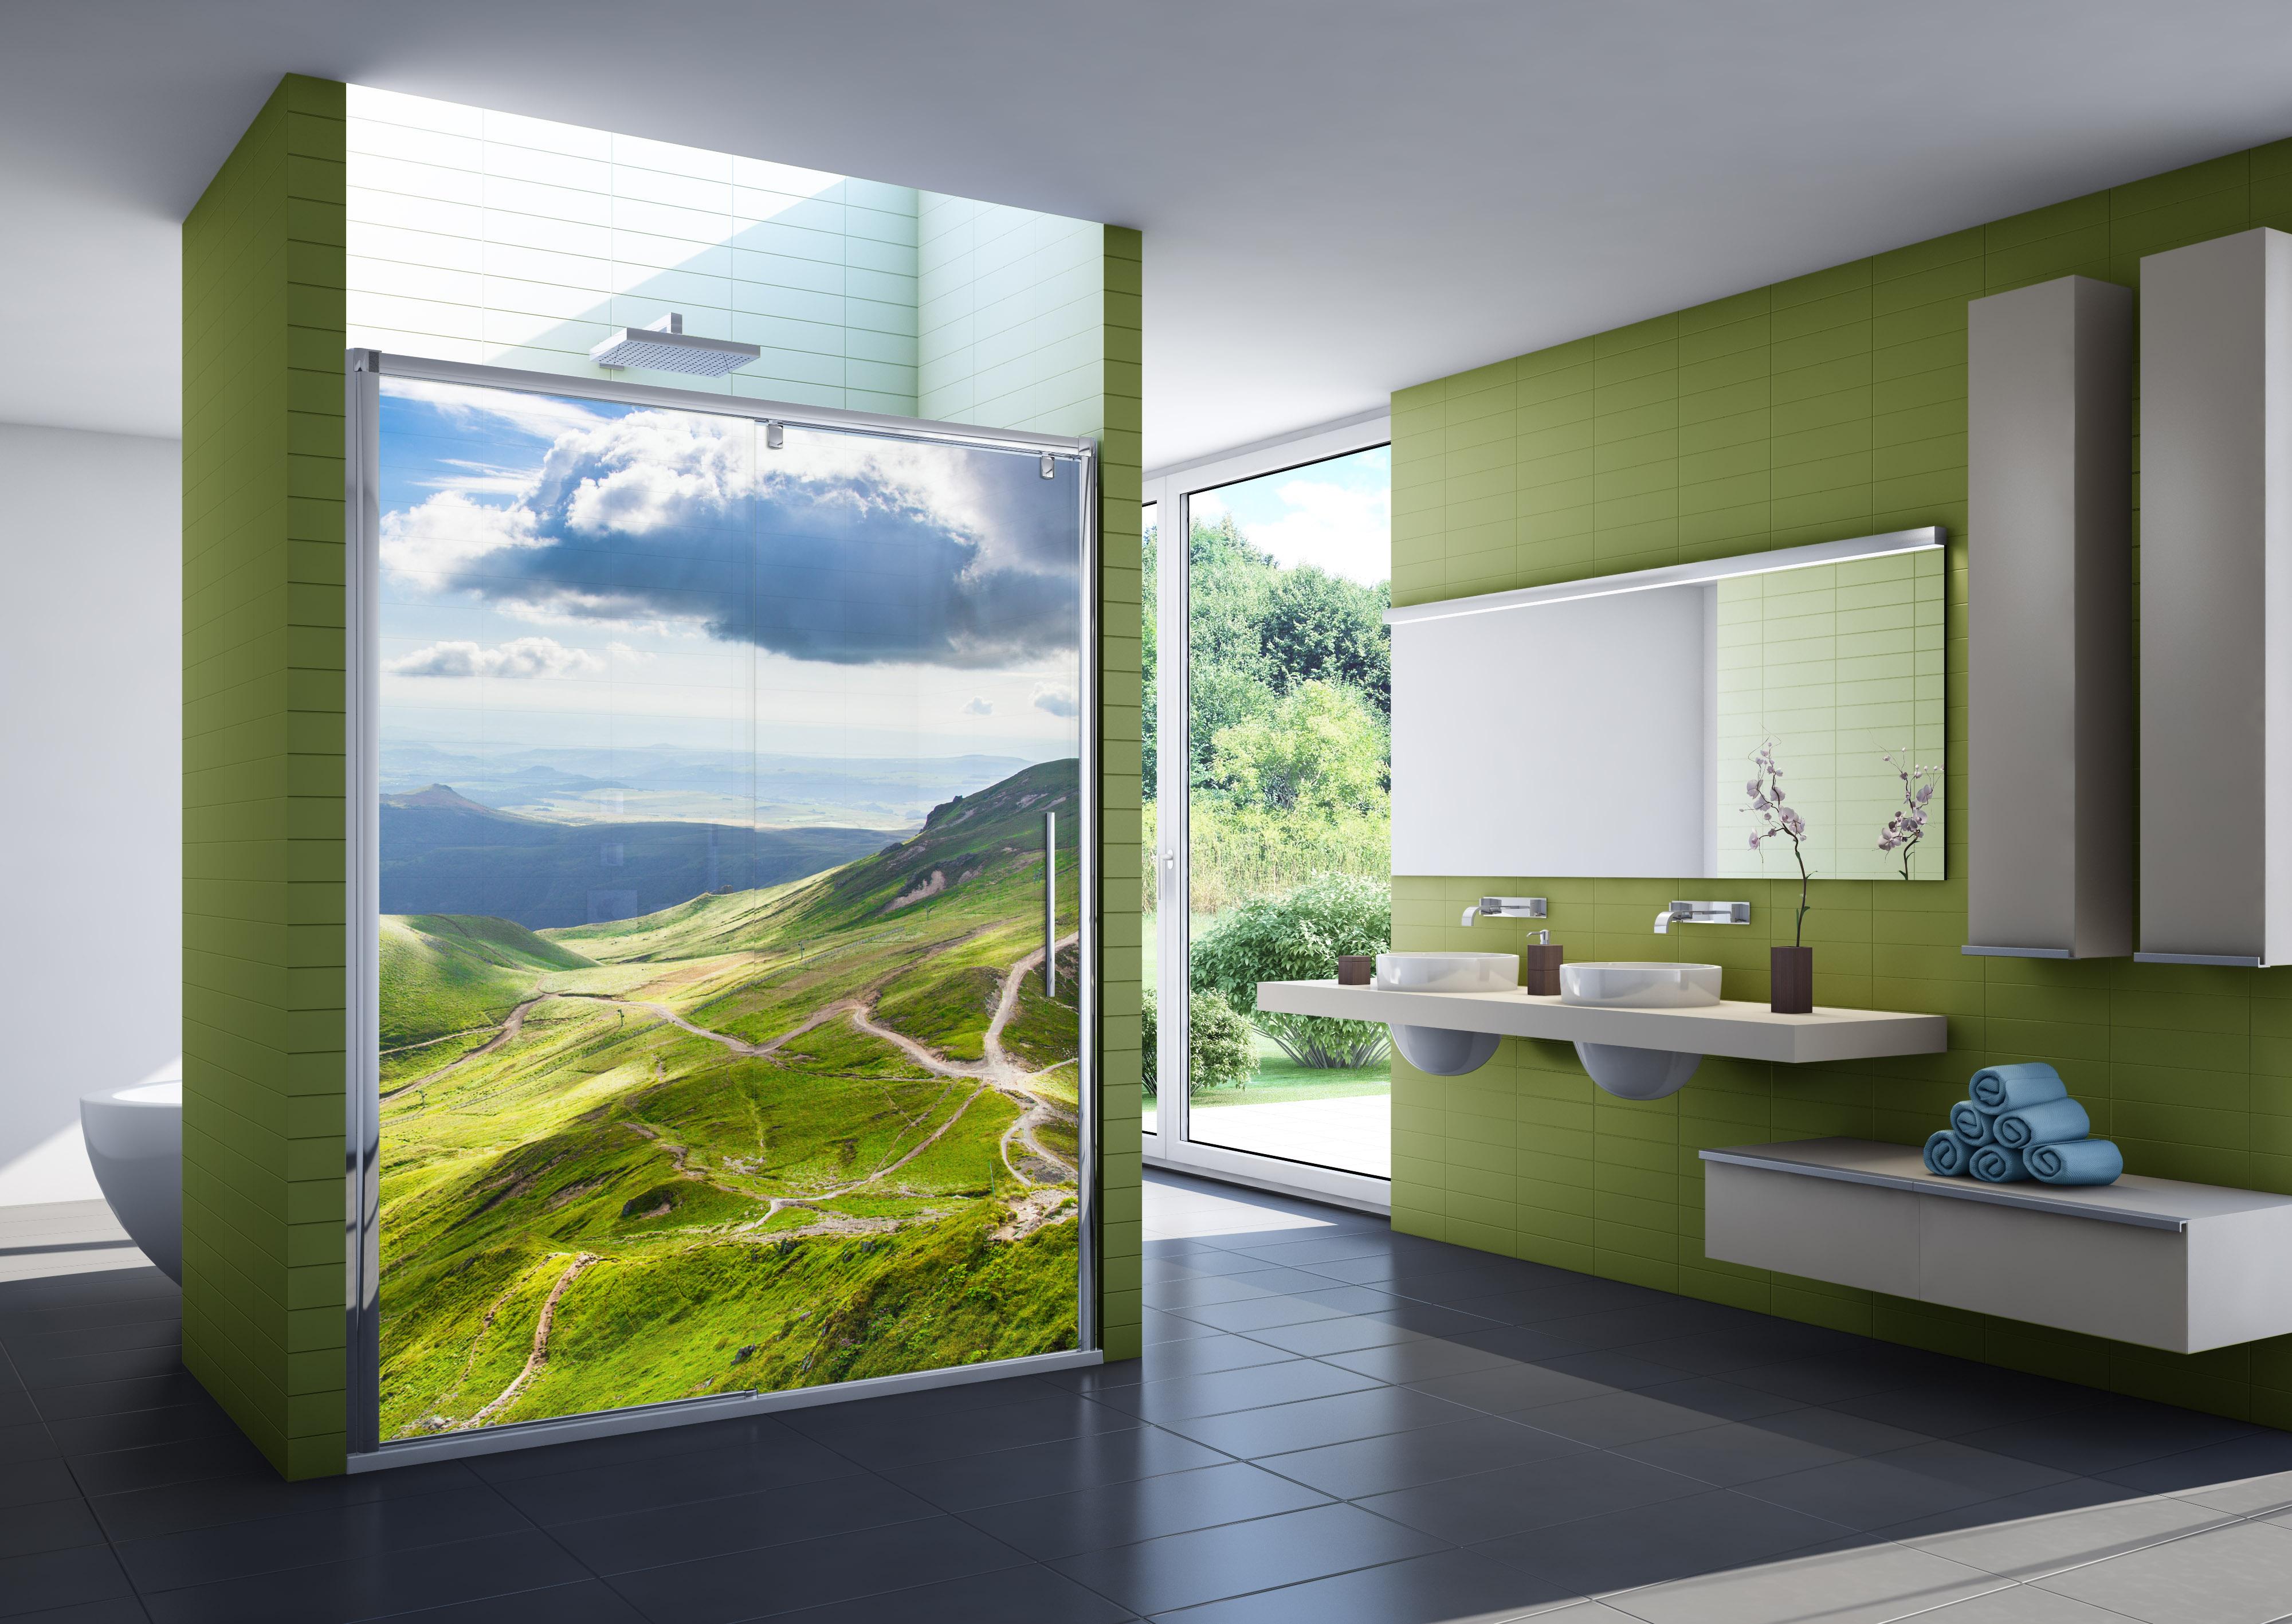 presse ihr spezialist f r duschkabinen duschen und. Black Bedroom Furniture Sets. Home Design Ideas